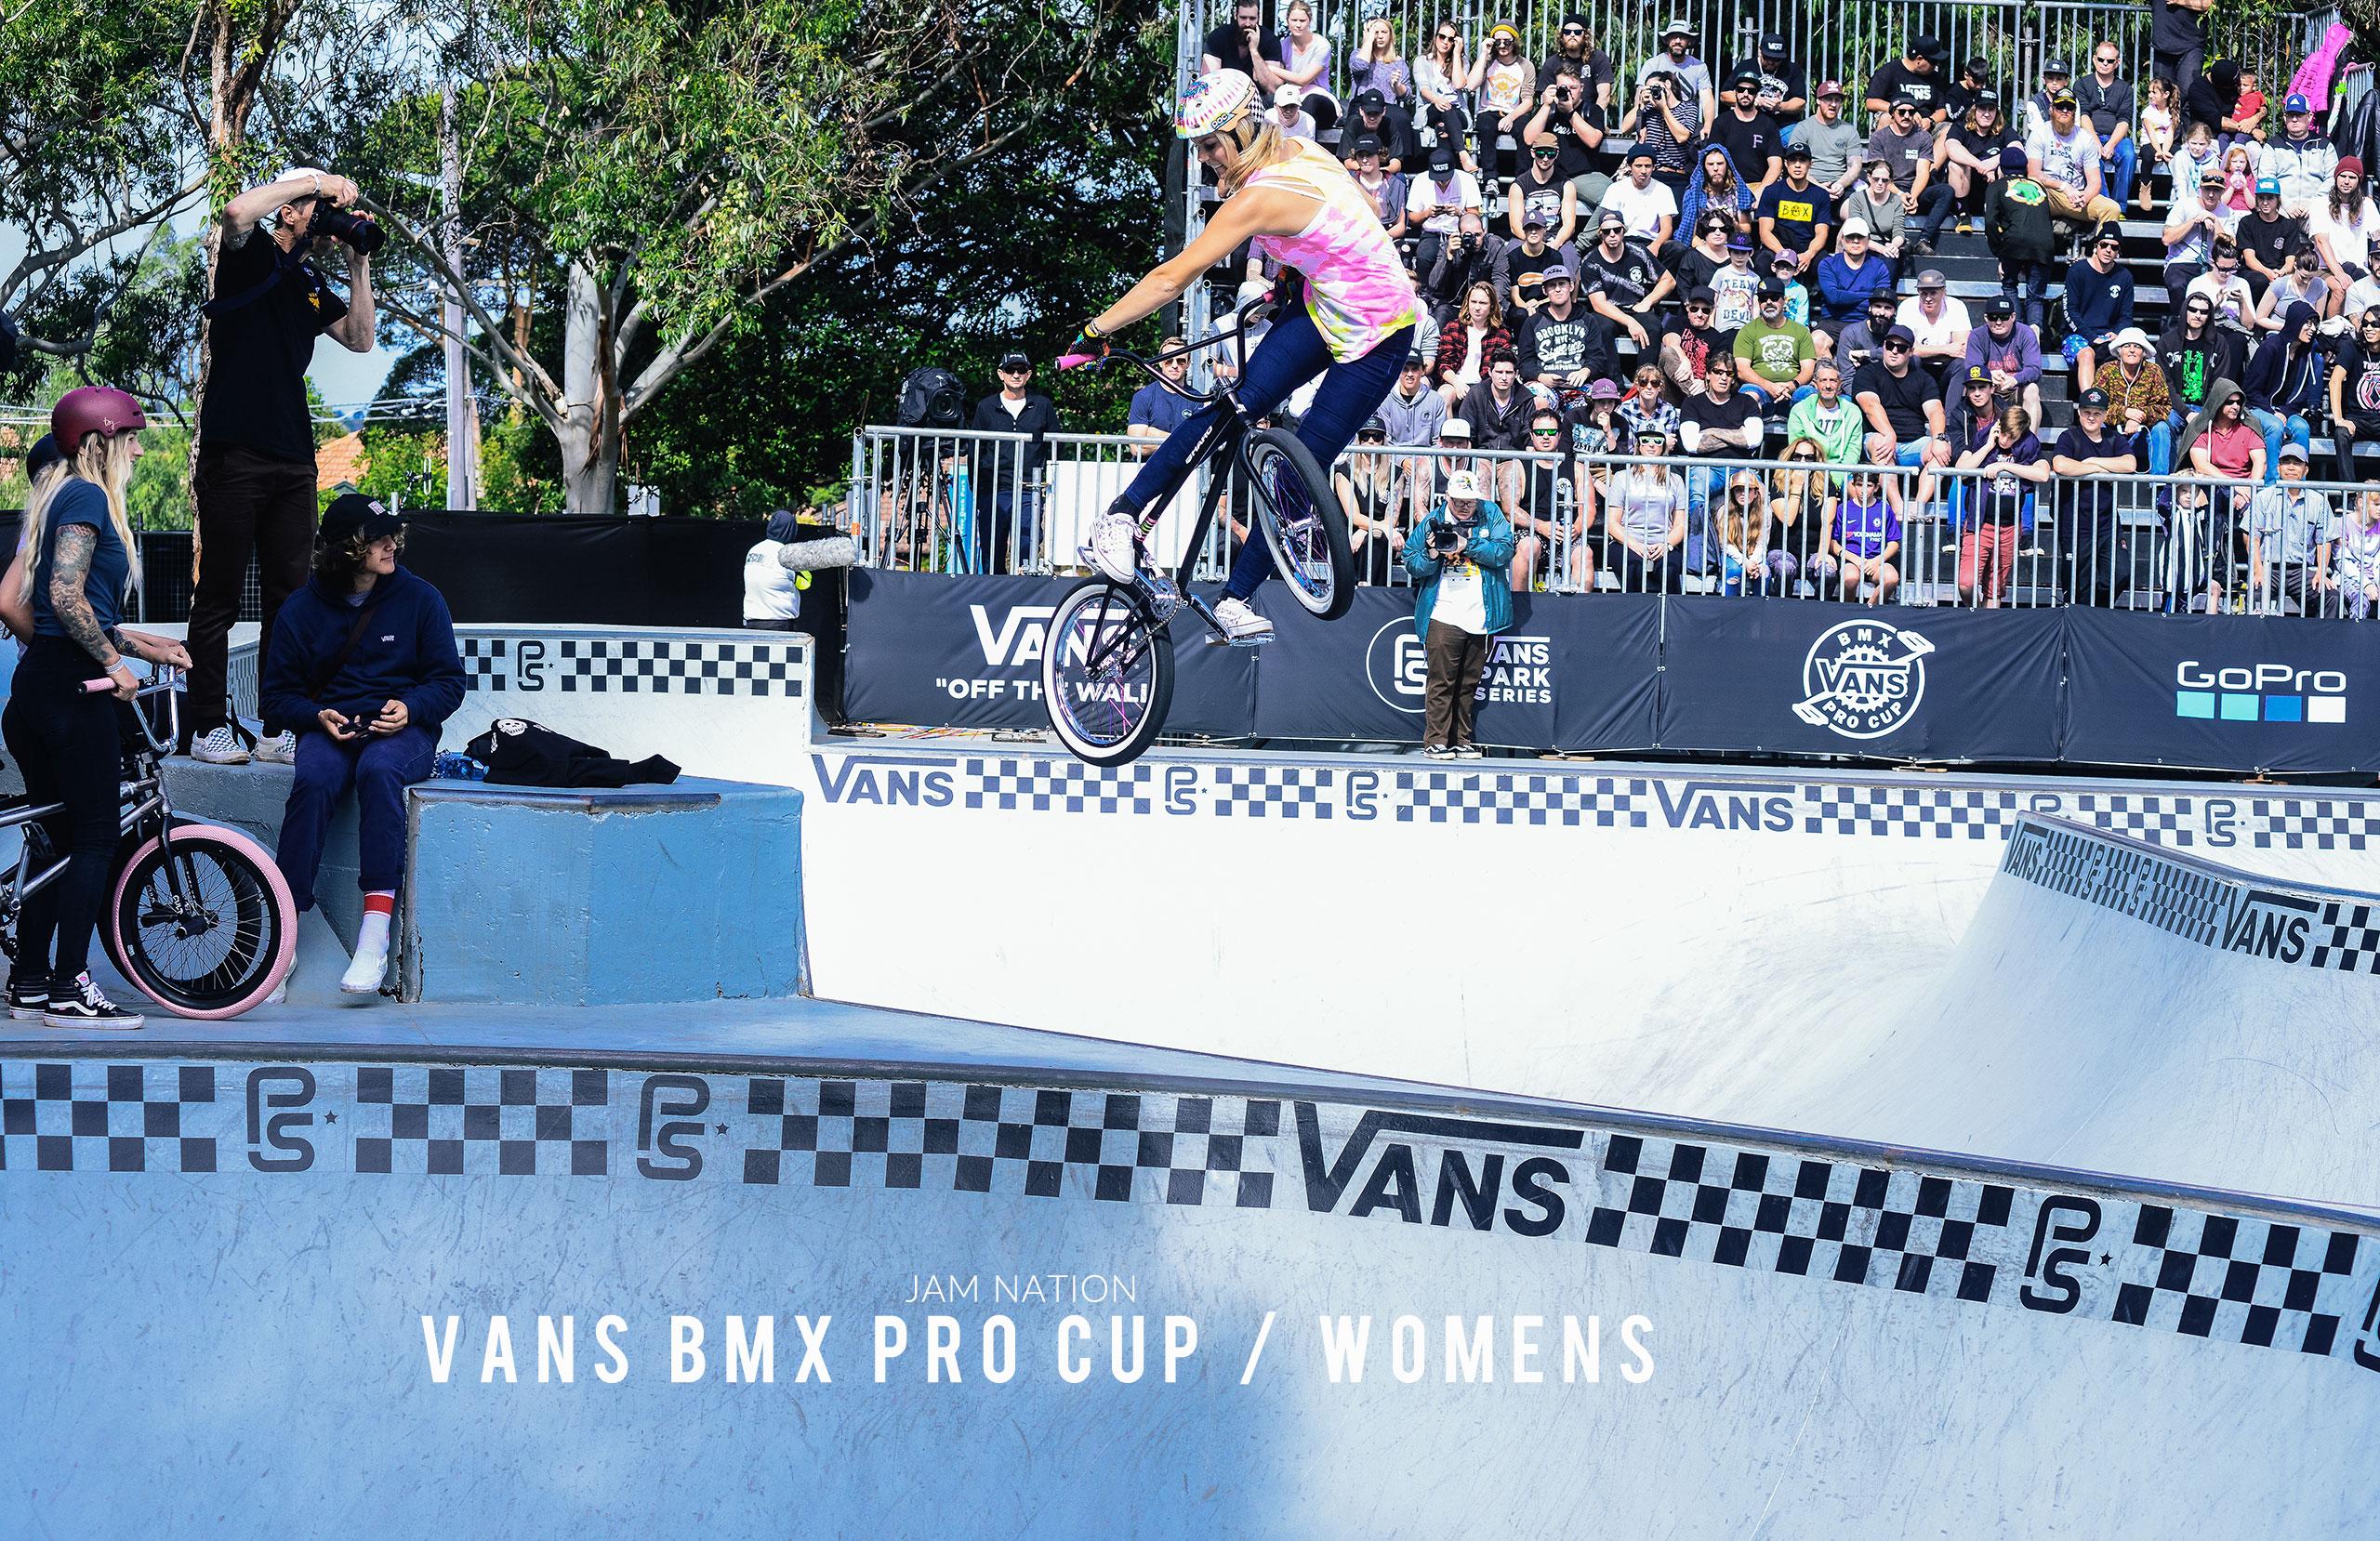 Vans BMX Pro Cup – Womens